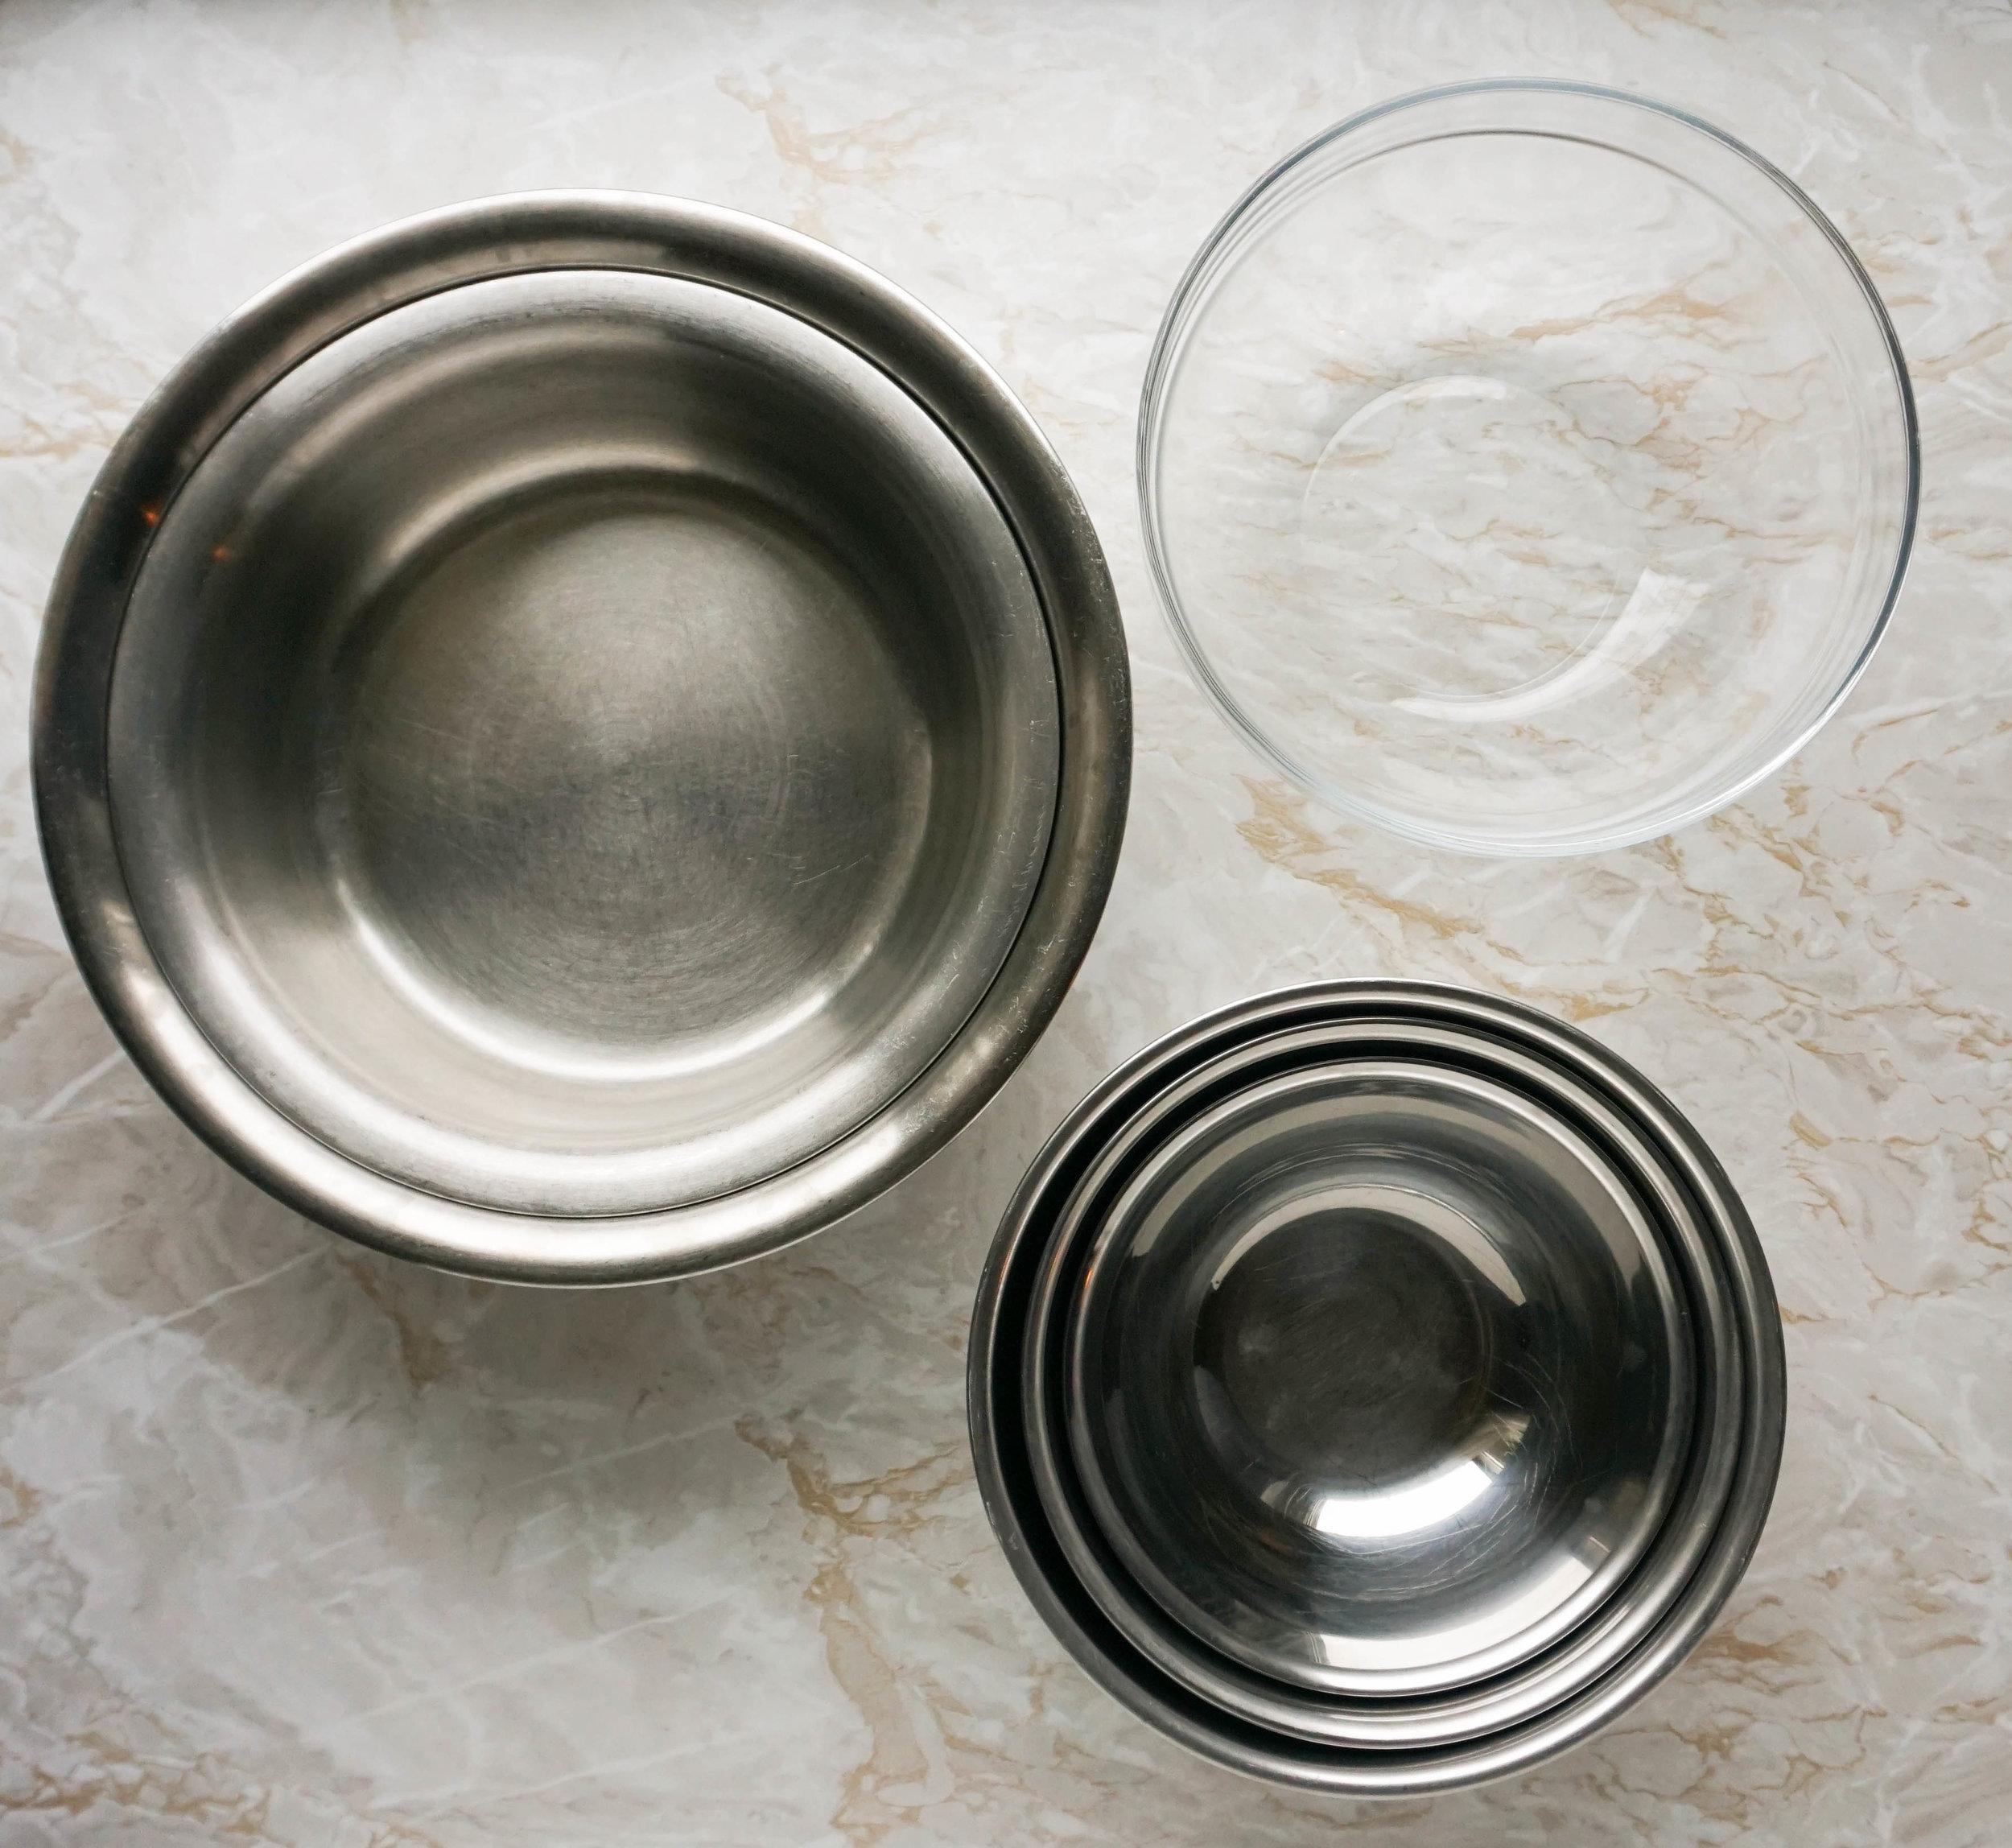 Plastikfrei Backen 101 - meine Tipps für nachhaltigere Back-Utensilien und Küchenzubehör Rührschüsseln.jpg